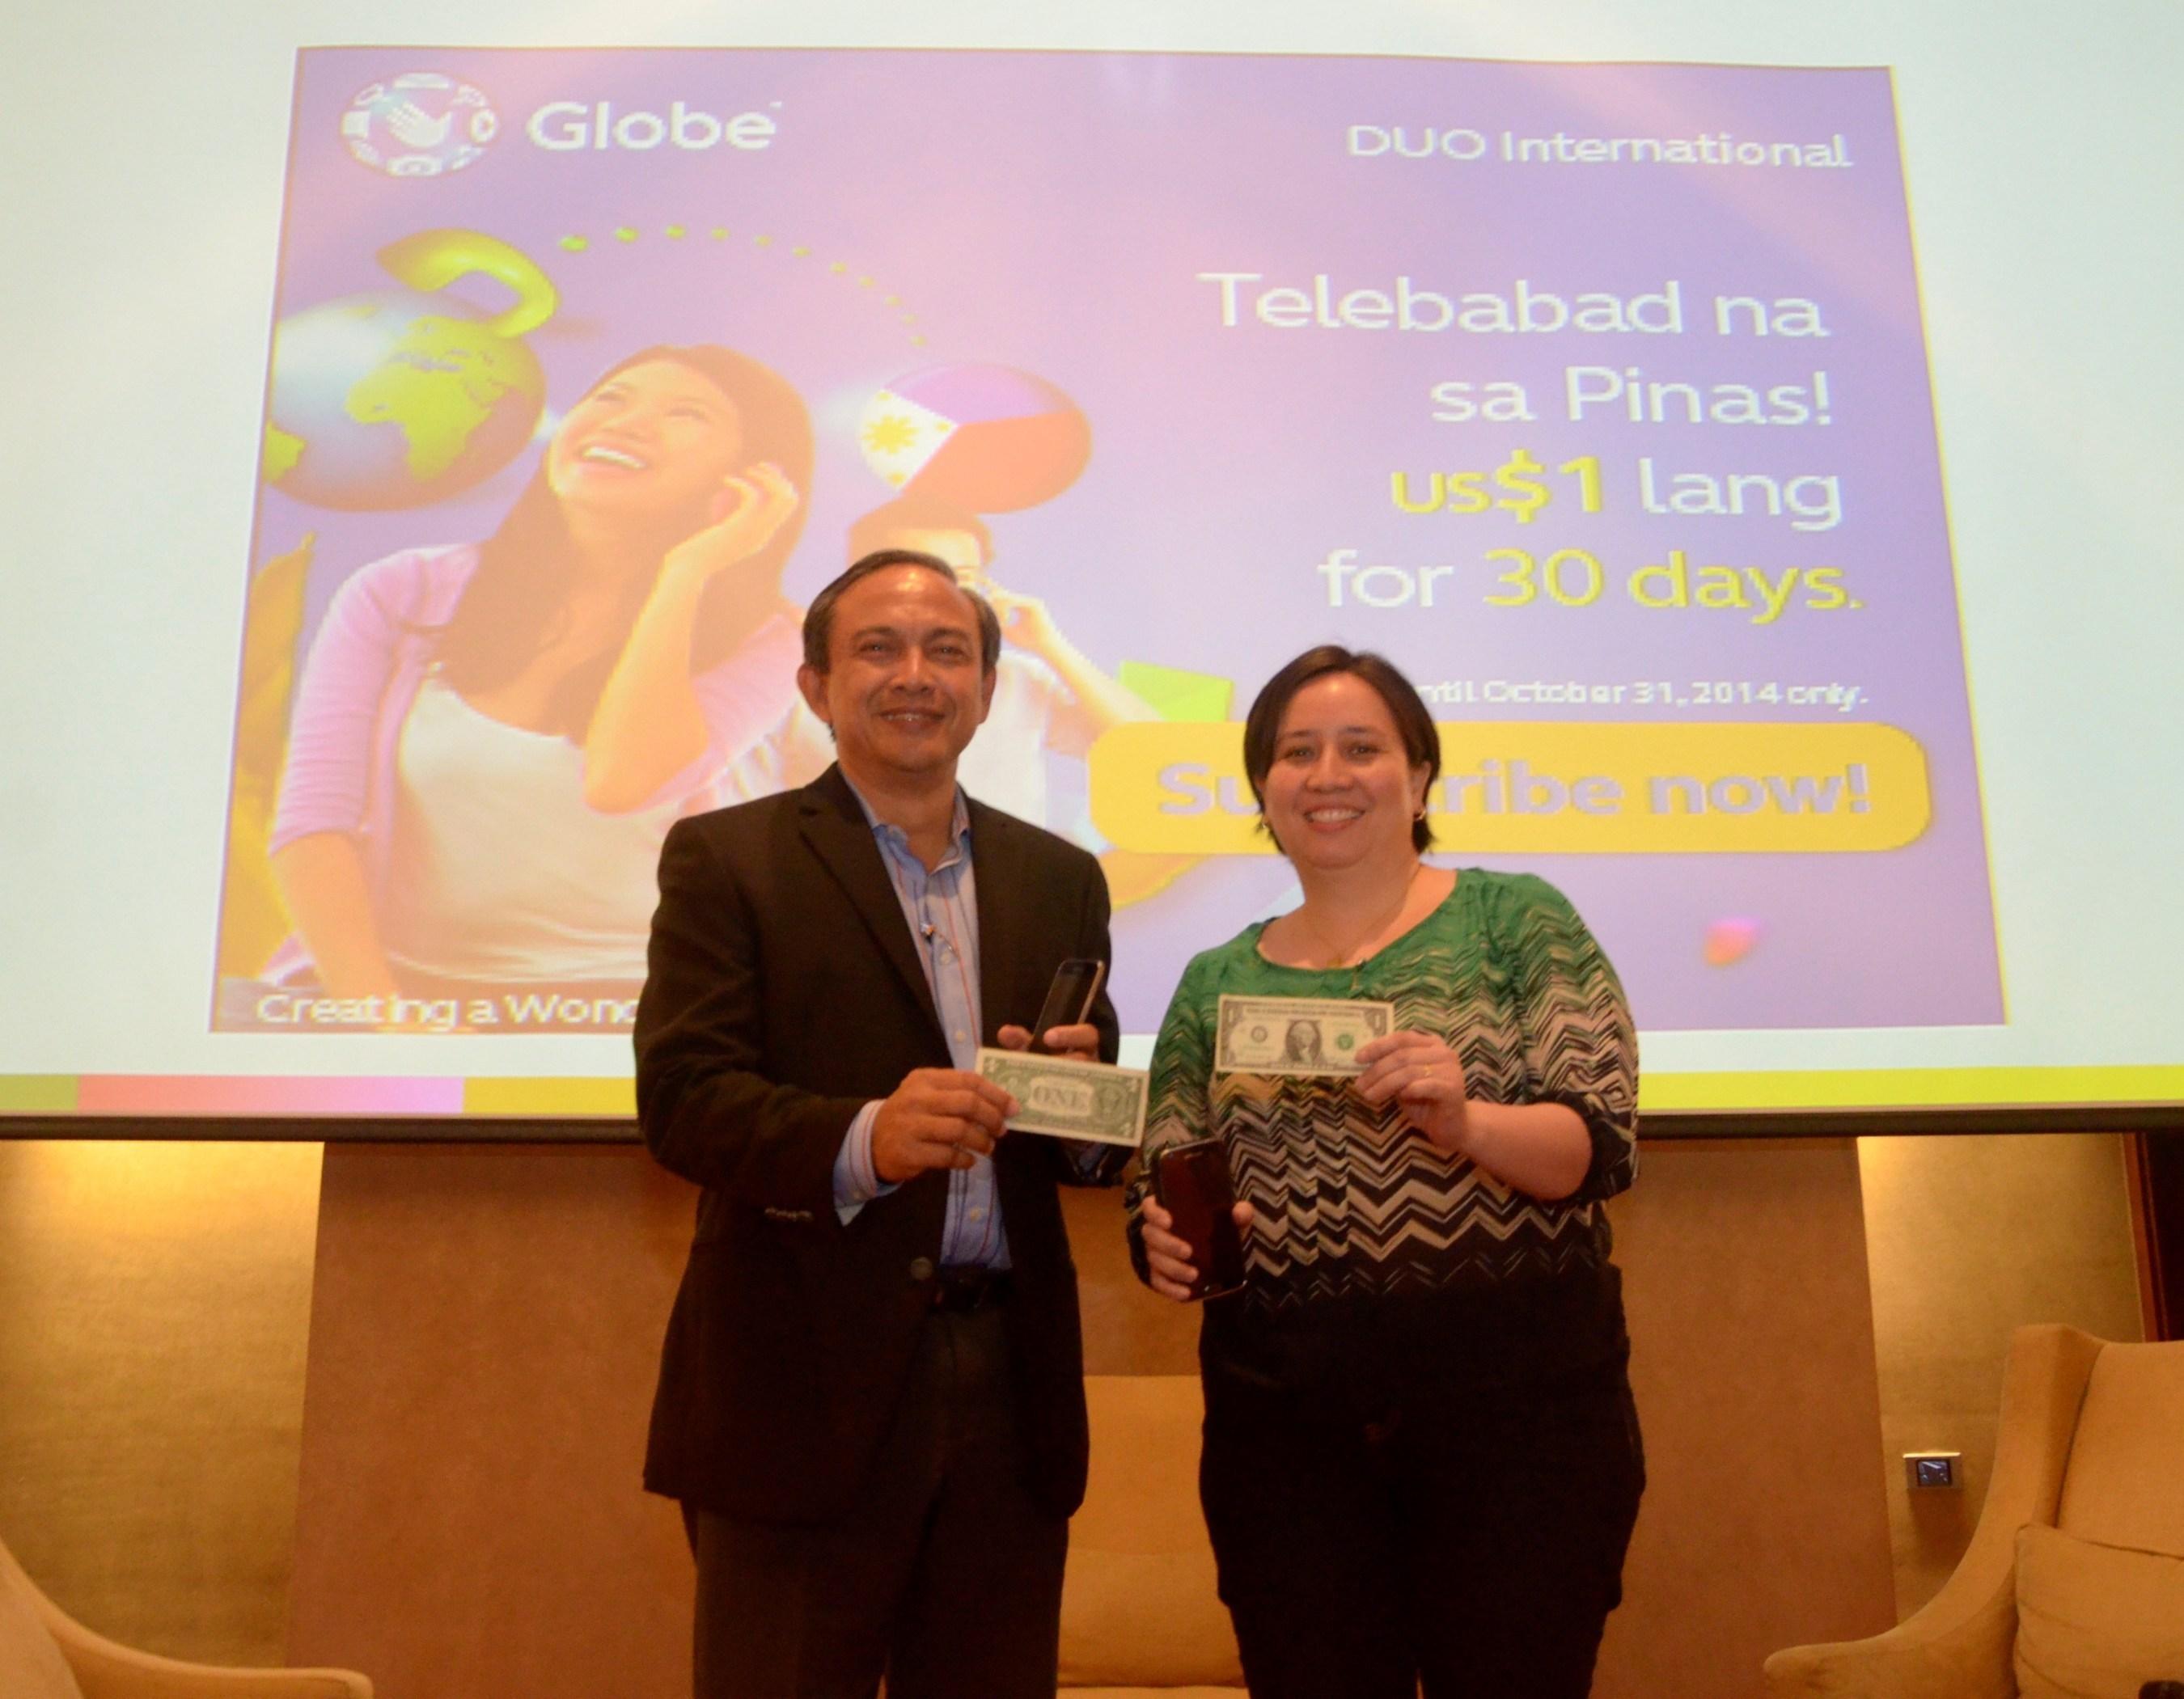 Globe étend son service d'appel international à plus de Philippins avec une offre plus abordable